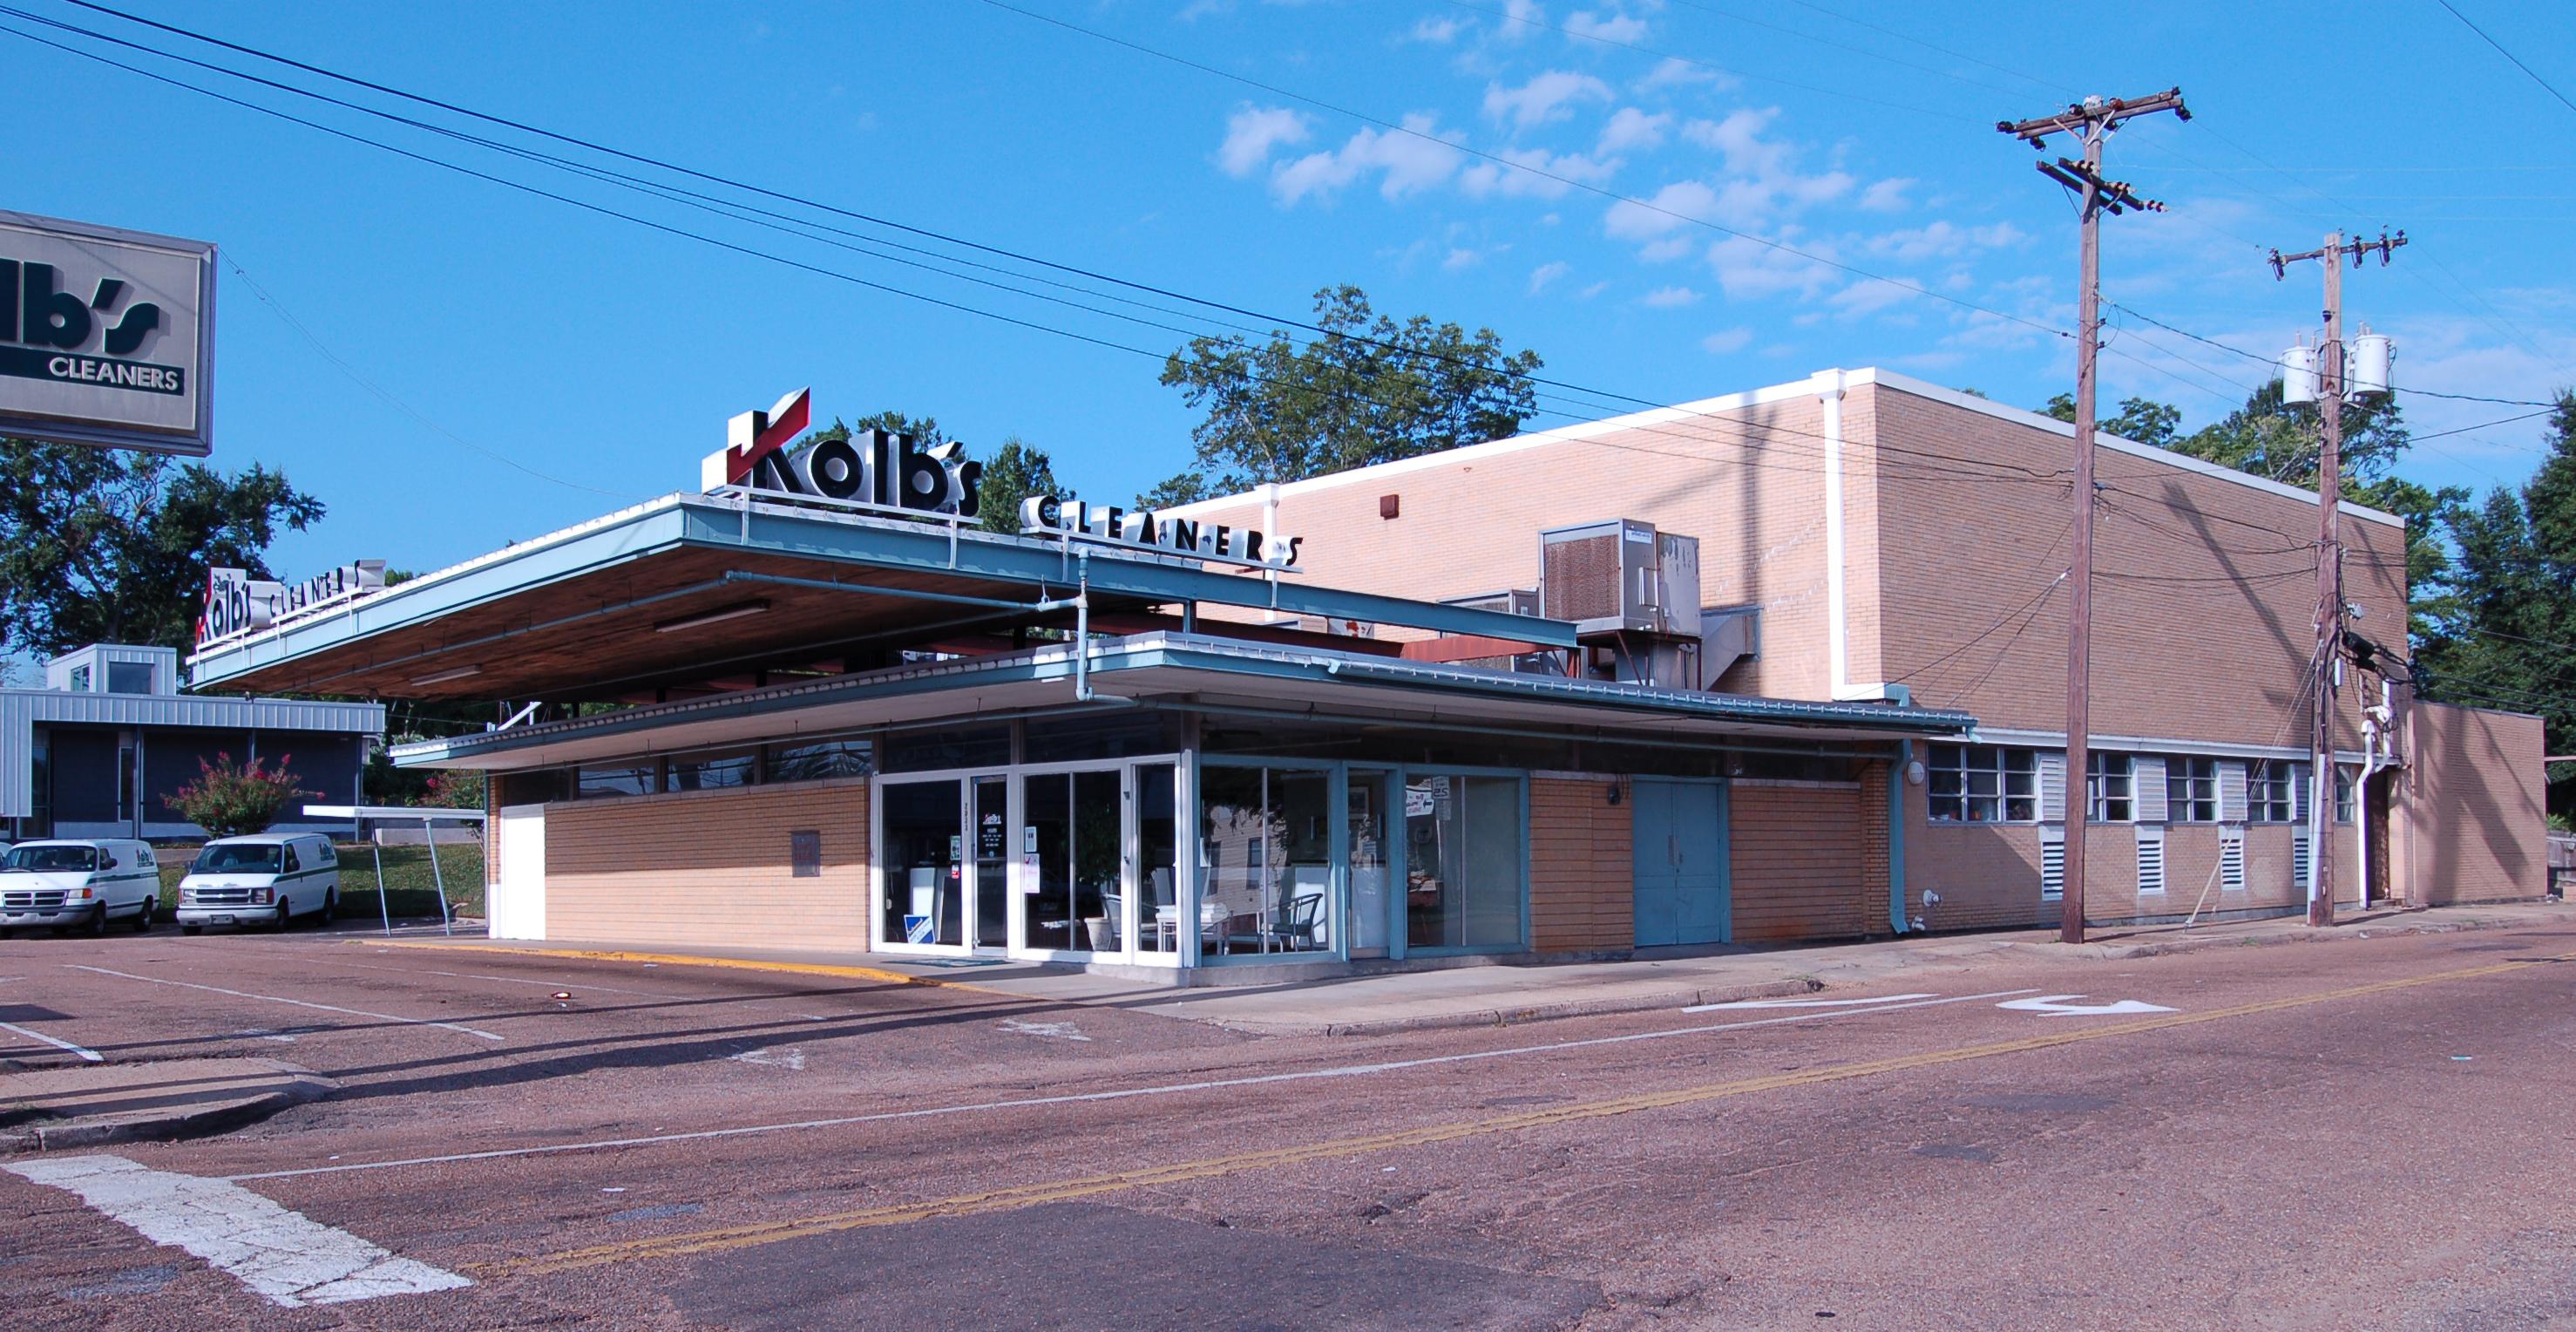 Kolb's Cleaners, Fondren neighborhood, Jackson